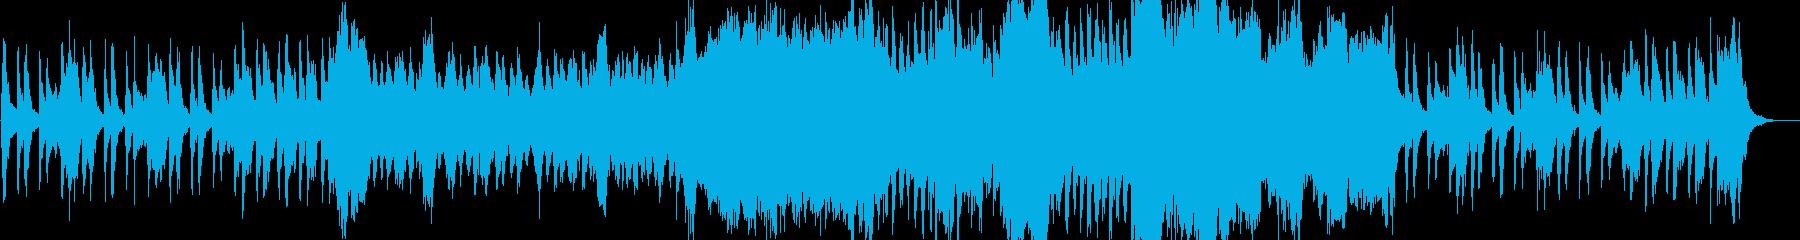 ストリングスによる穏やかな喜びの再生済みの波形